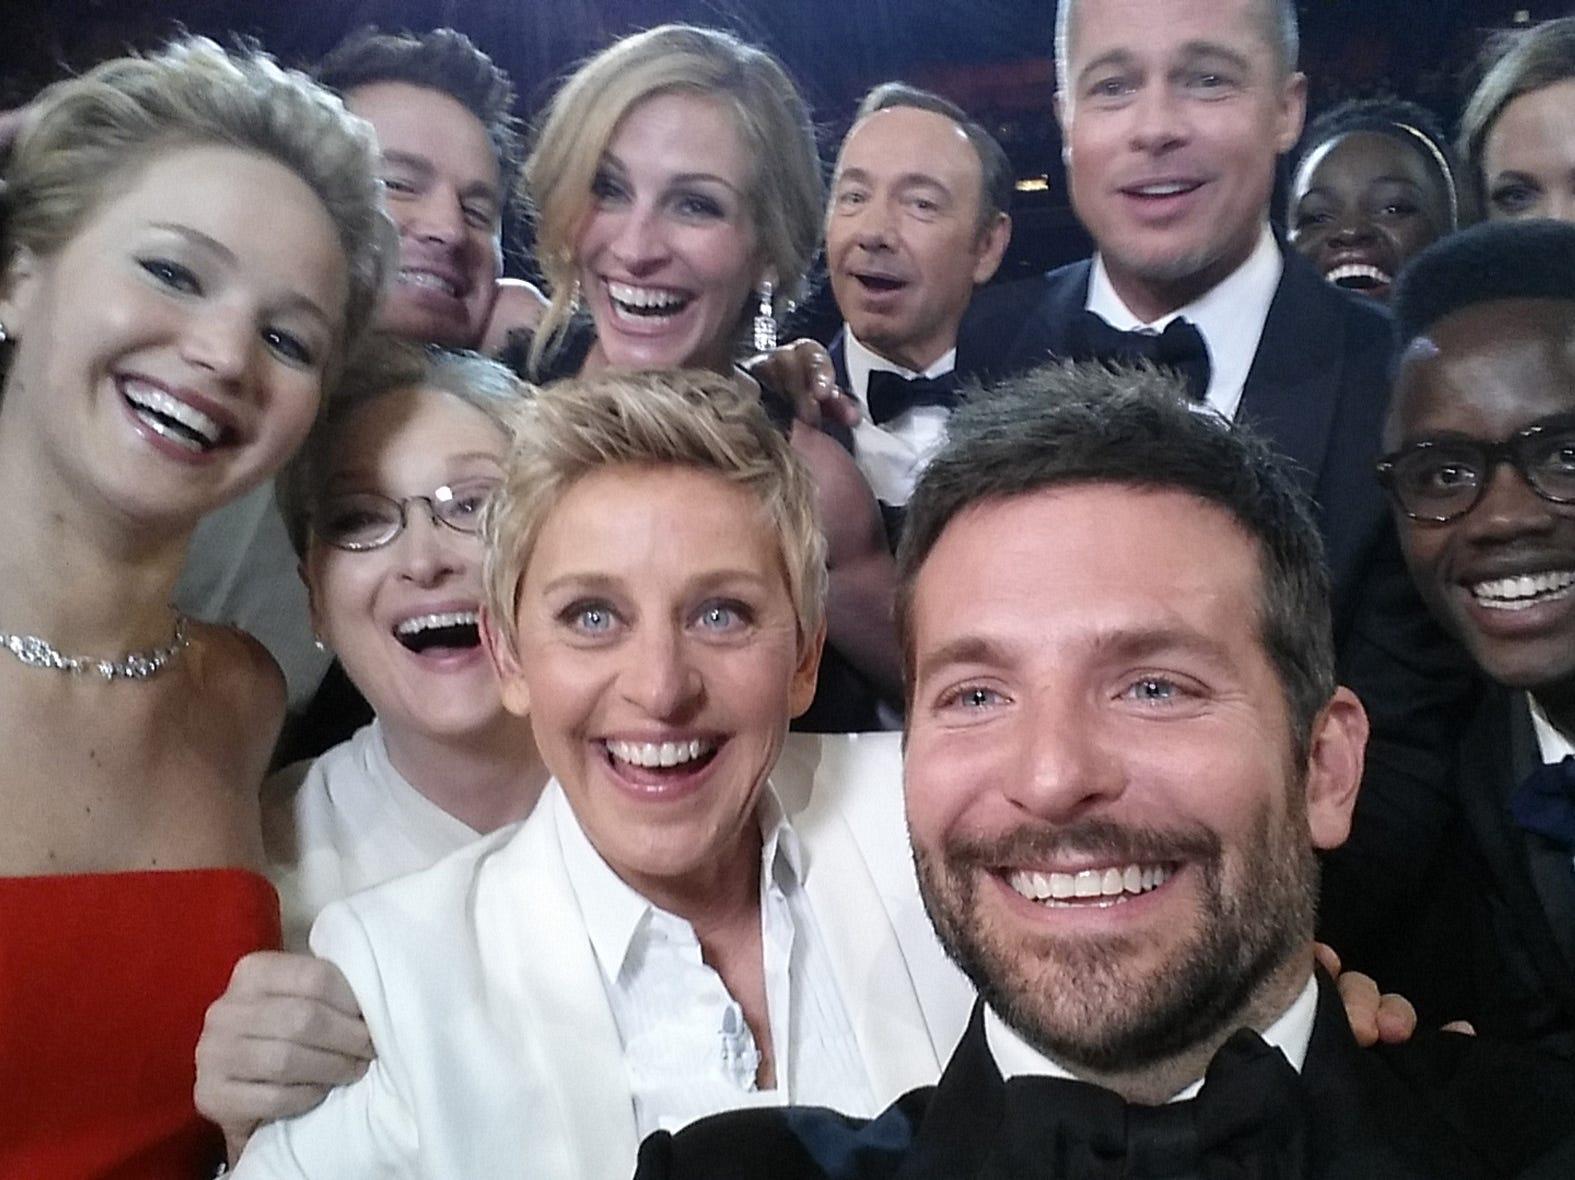 500 essential Oscar photos (plus trivia!) to get you ready for the Academy Awards